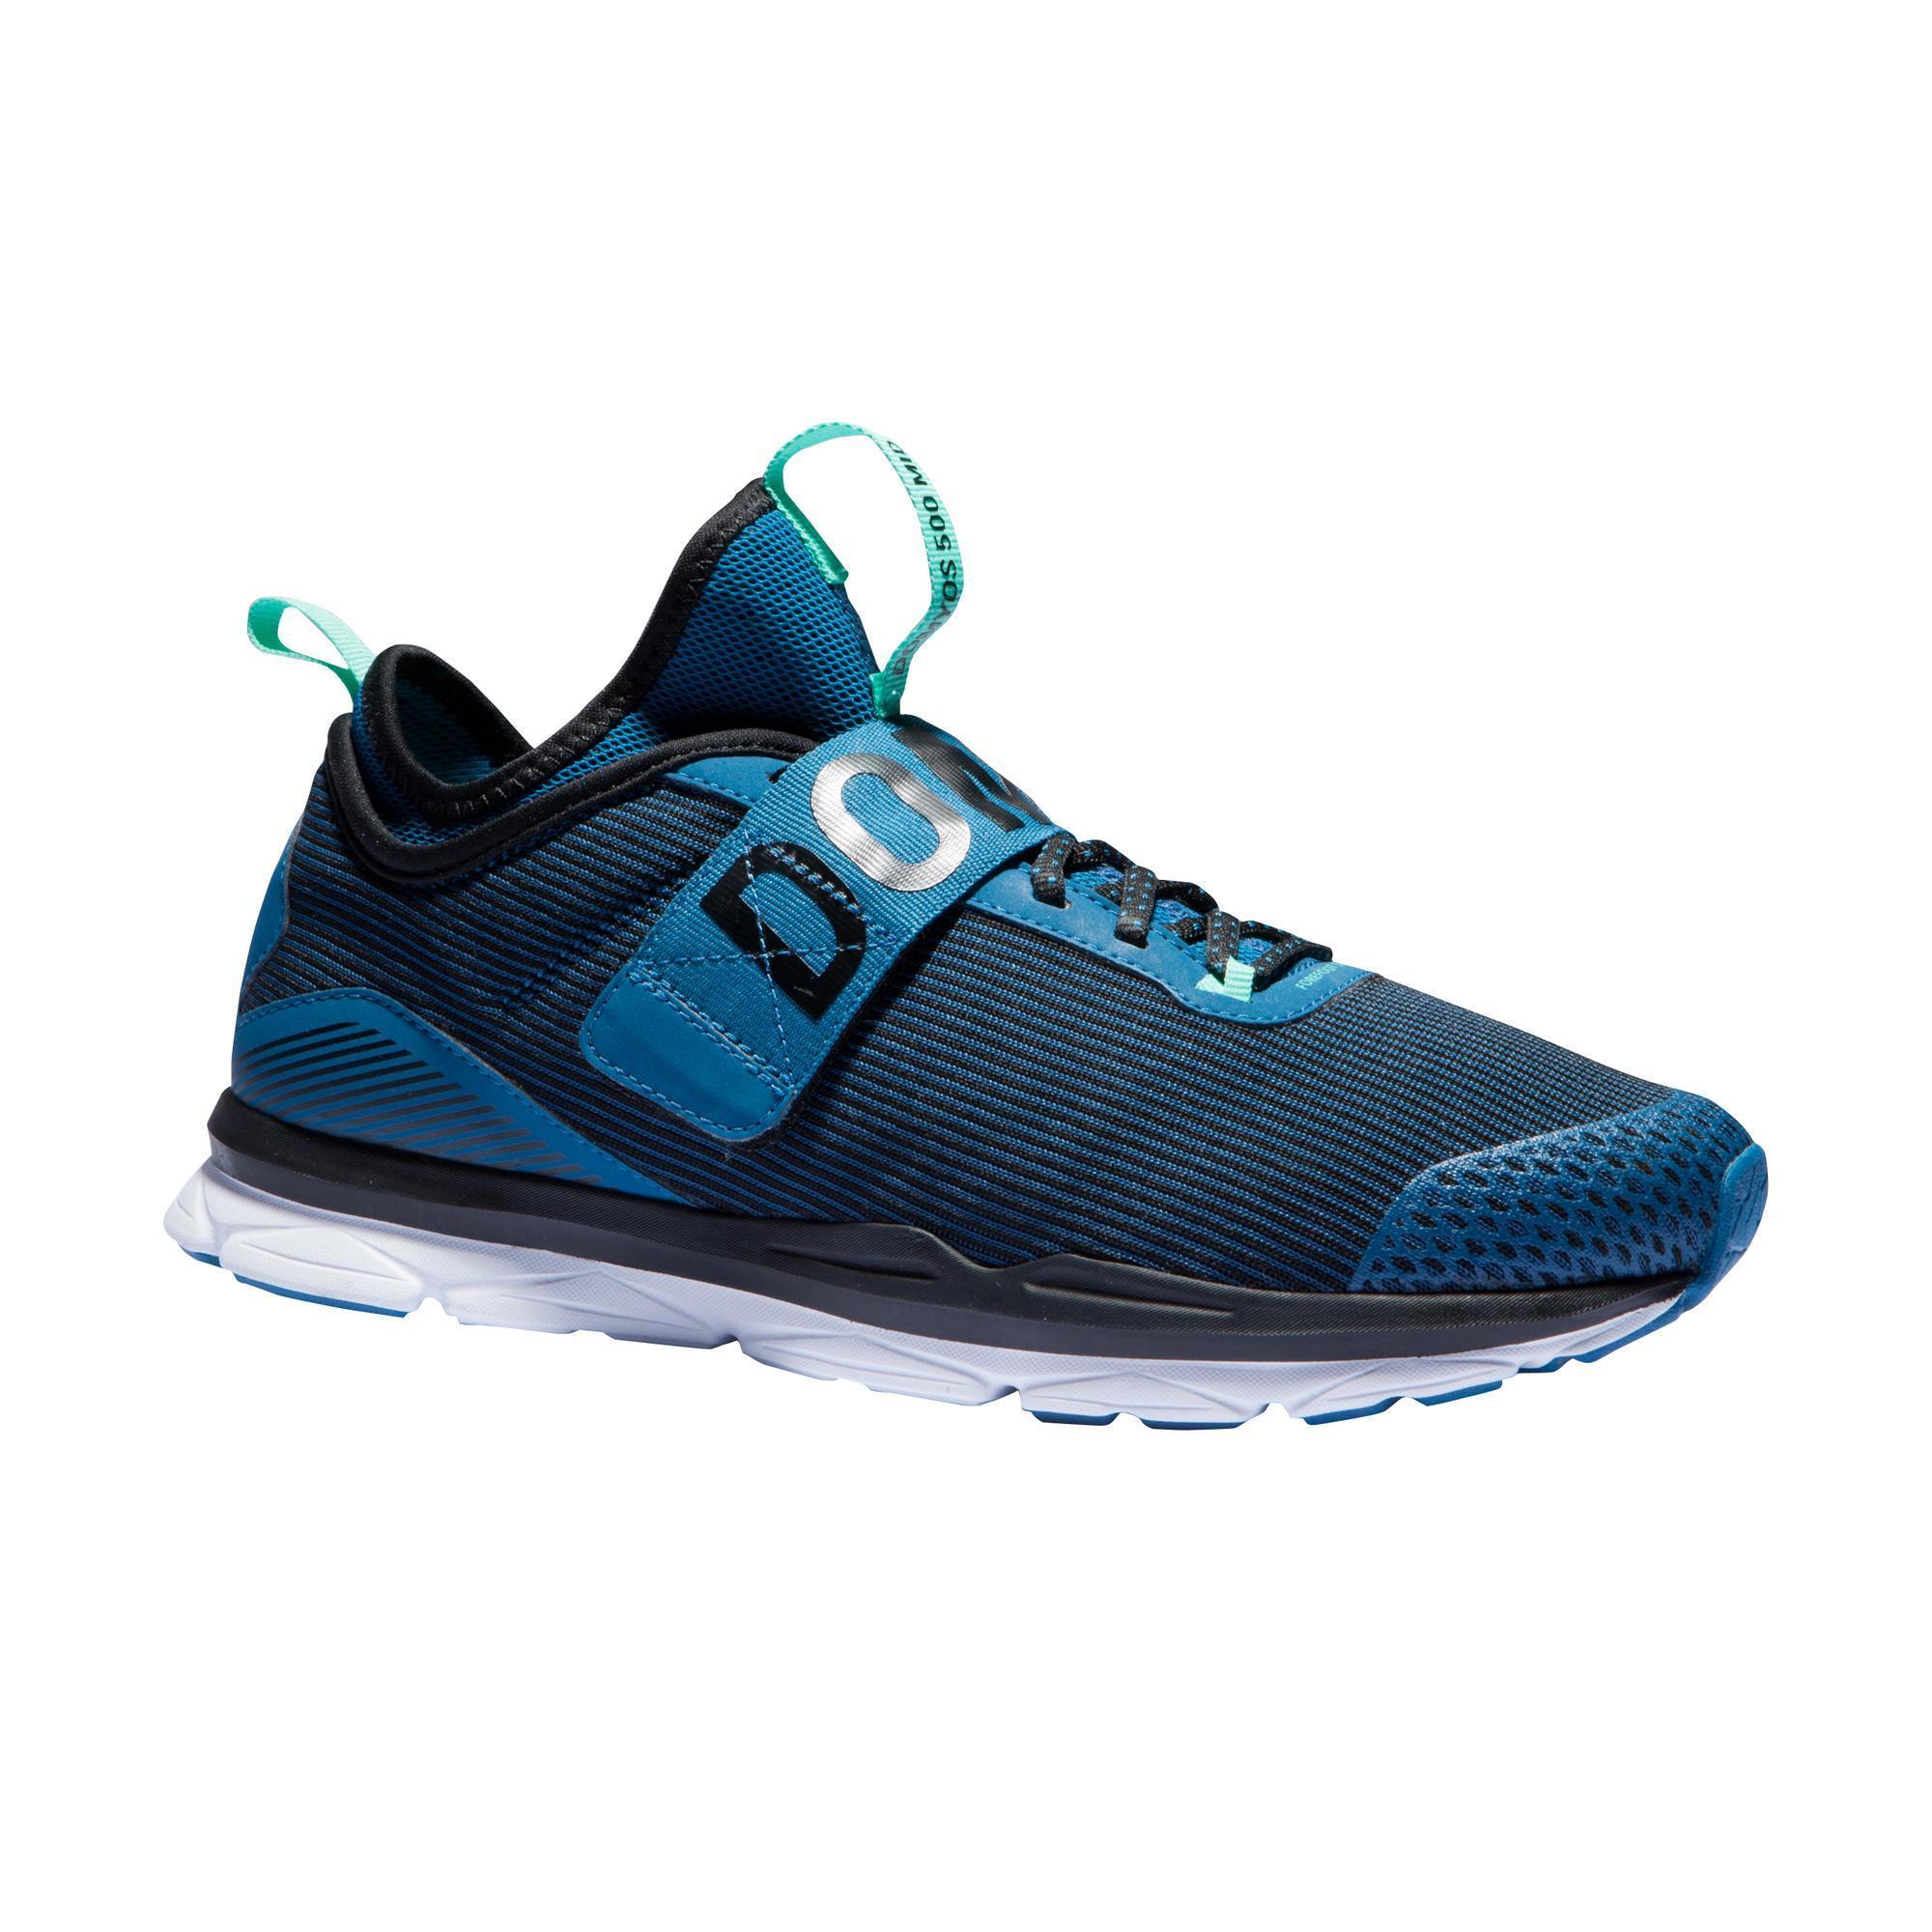 2531443 Domyos Fitnessschoenen cardiotraining 500 Mid dames blauw en groen